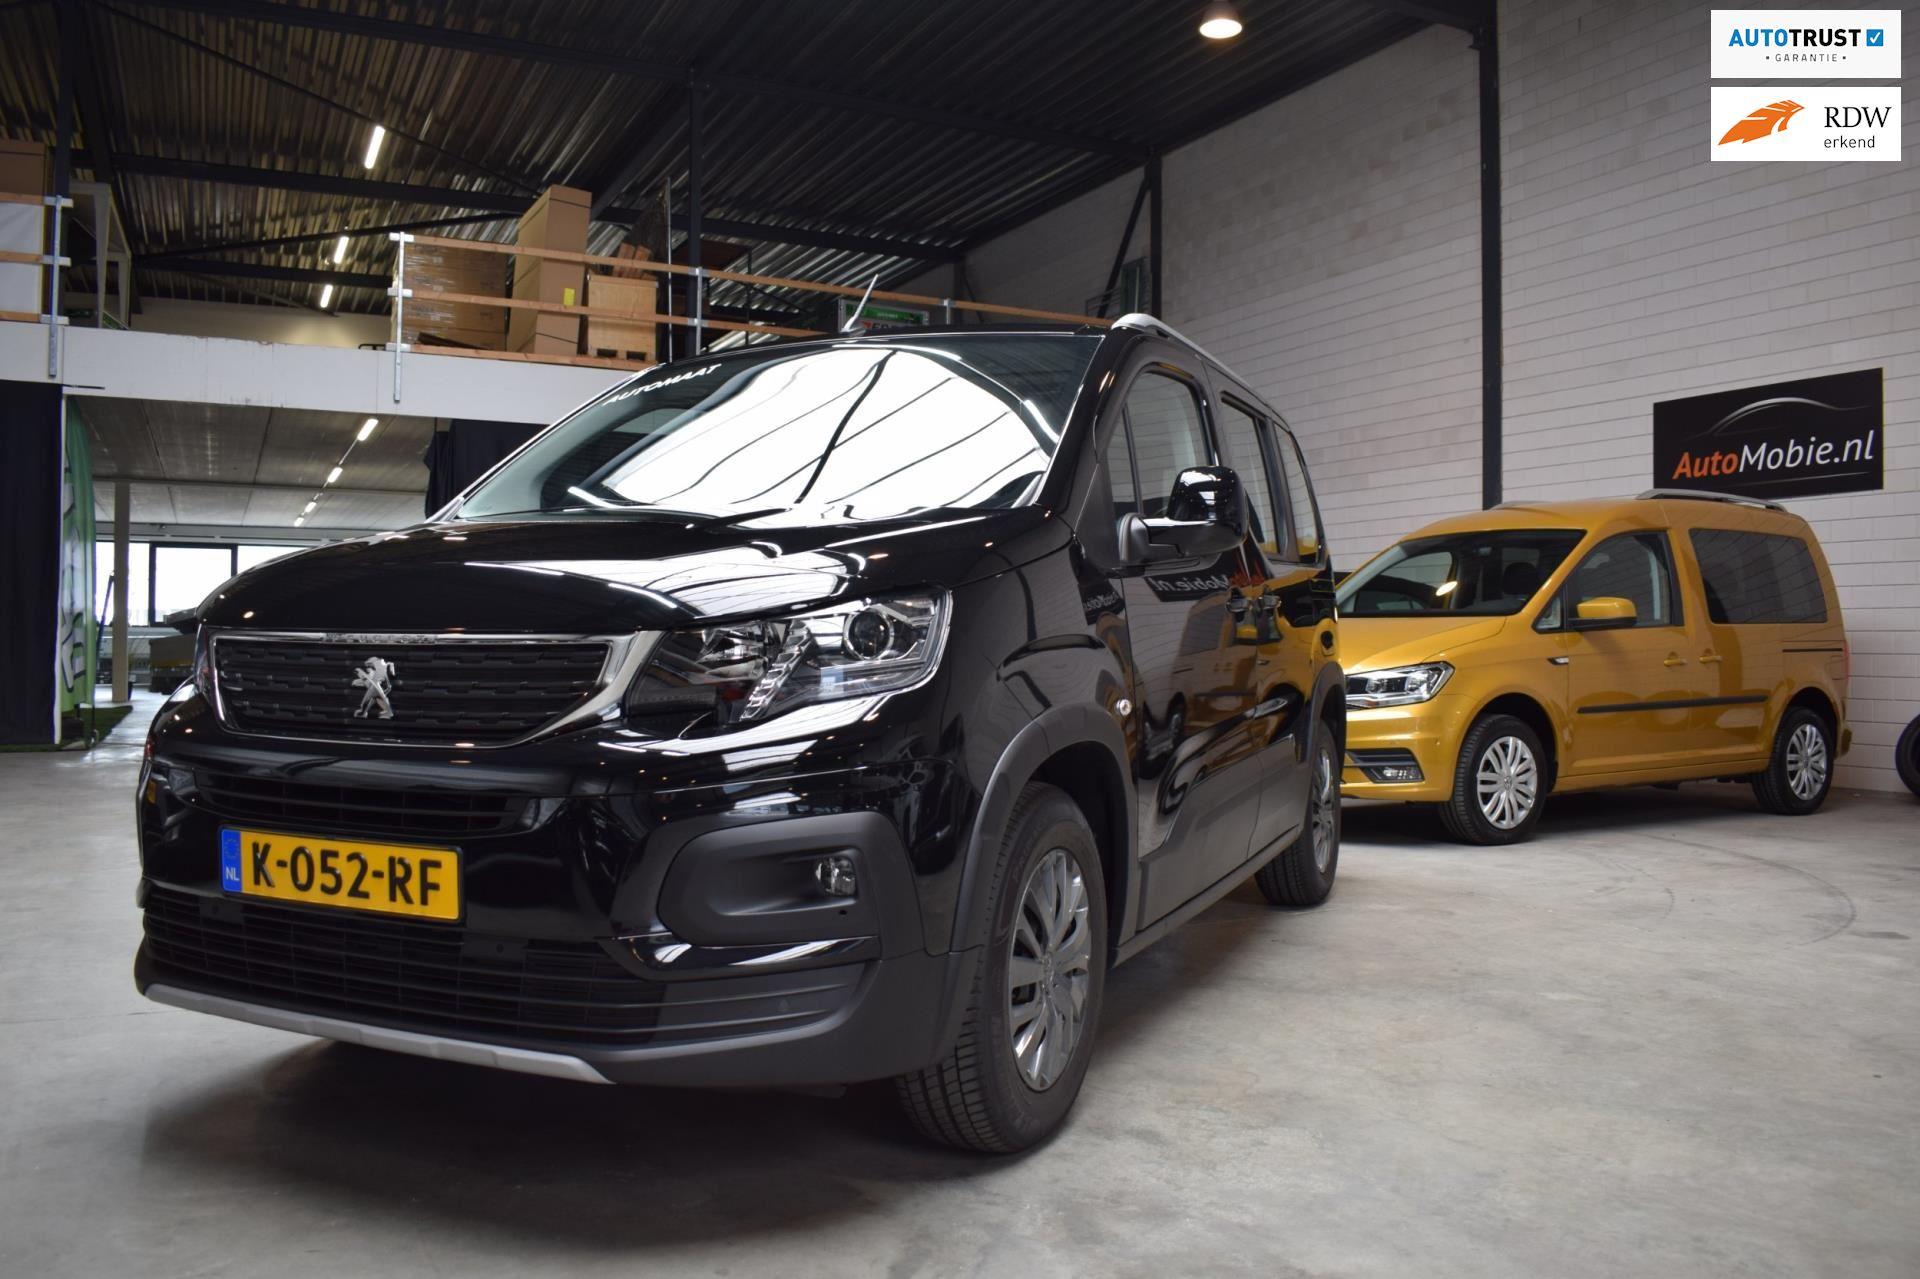 Peugeot Rifter occasion - AutoMobie